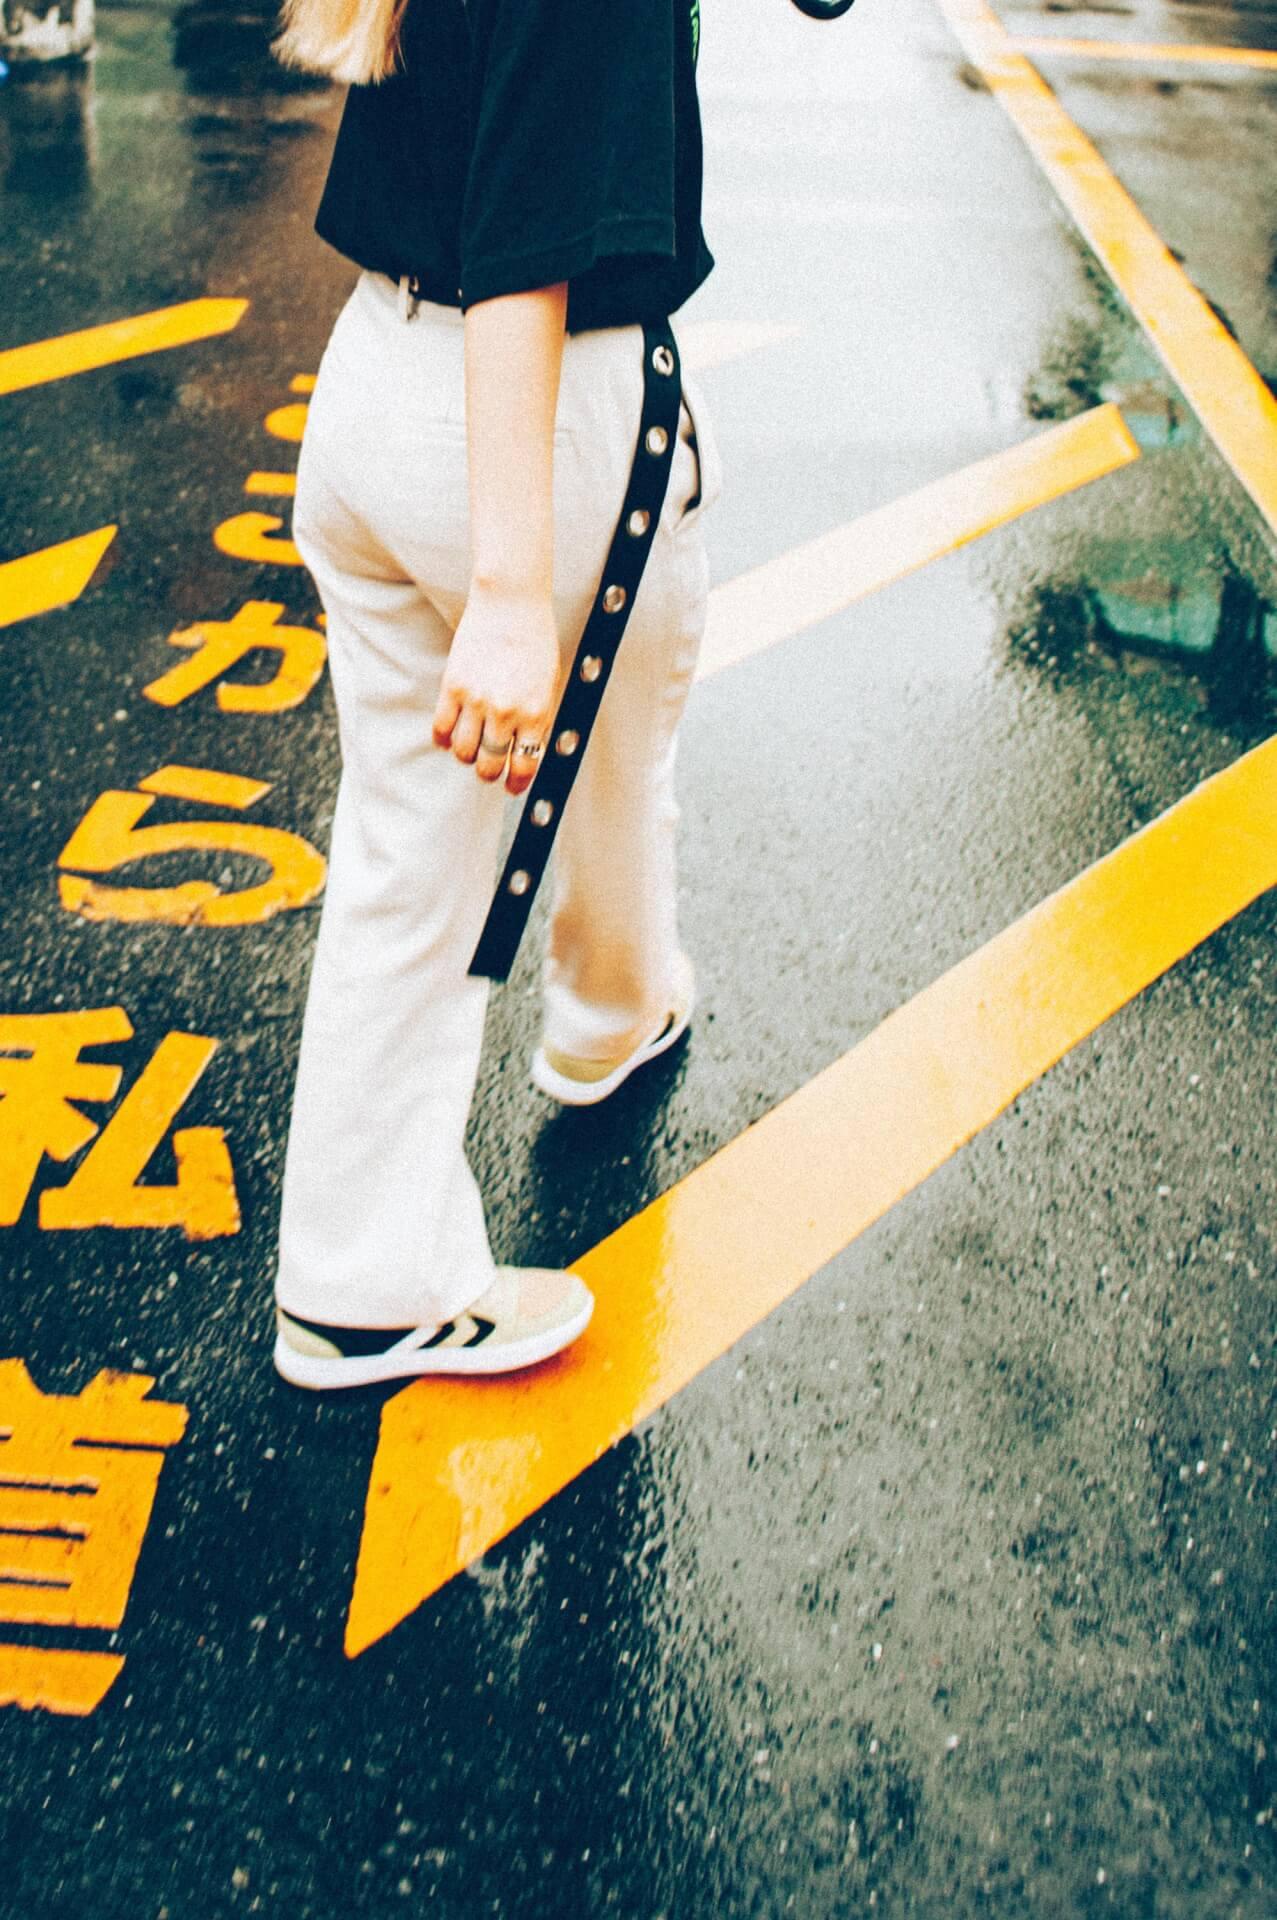 珠 鈴がSTADIL LIGHT CANVASで魅せる二面性 by Hummel hummel_13